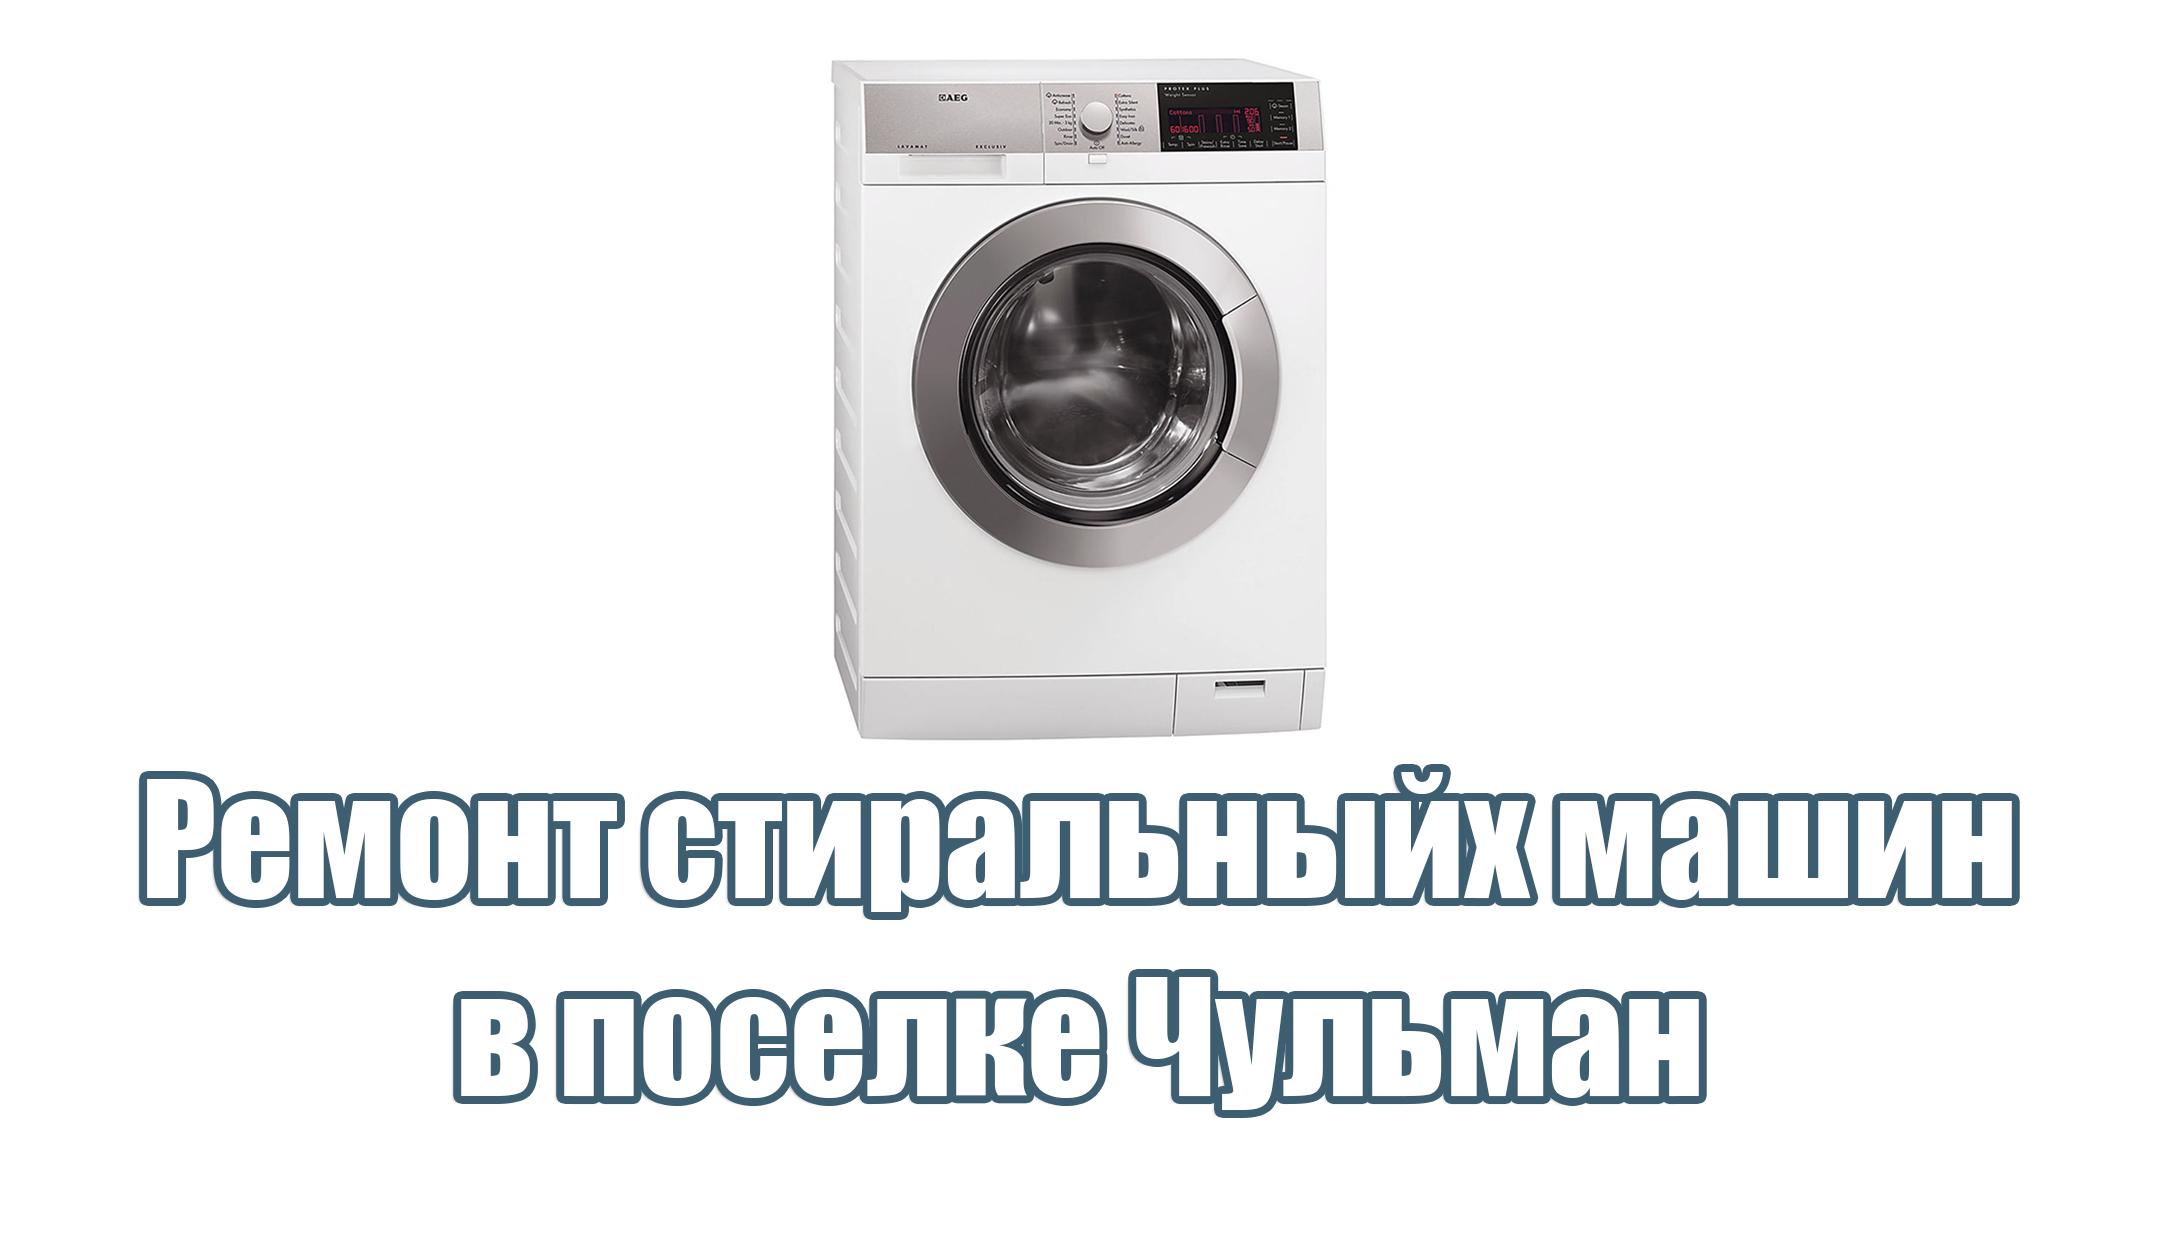 Ремонт стиральных машин в Чульмане